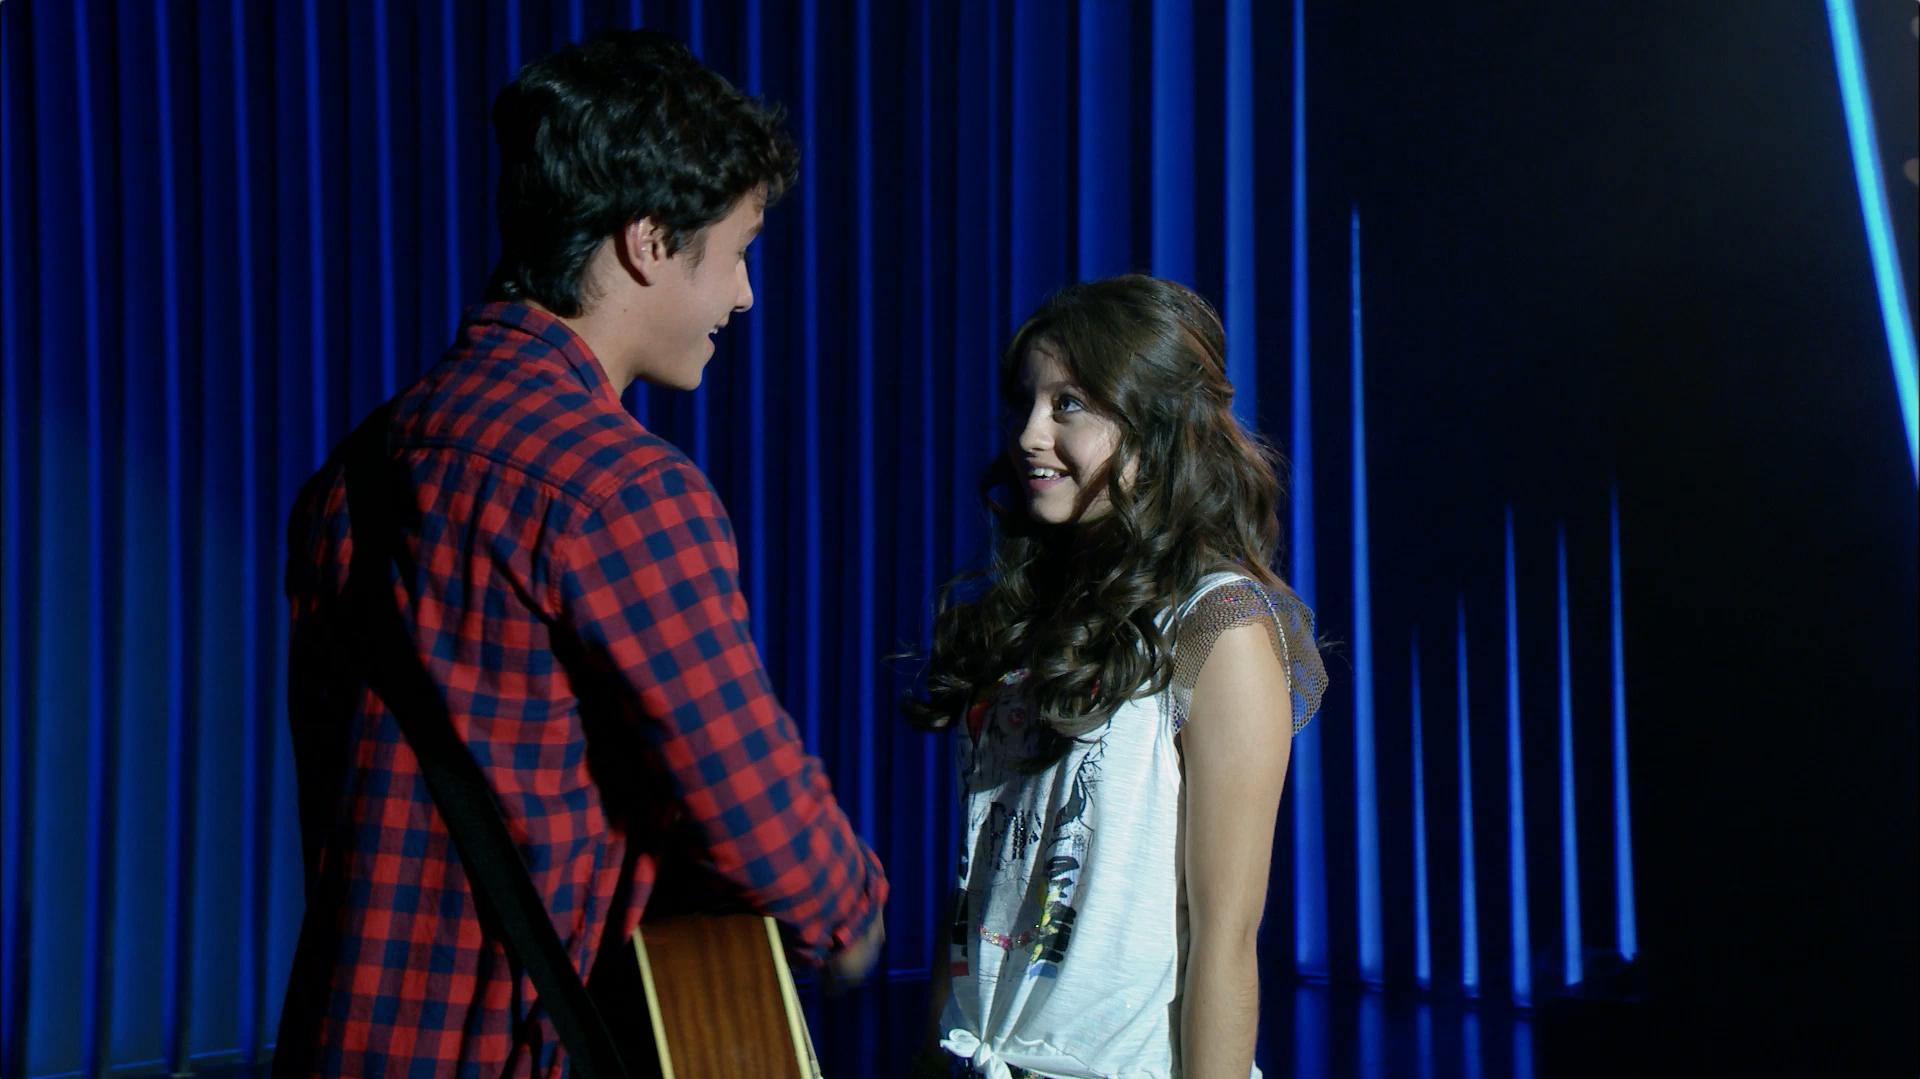 Luna y Simón cantan Eres - Momento Musical - Soy Luna